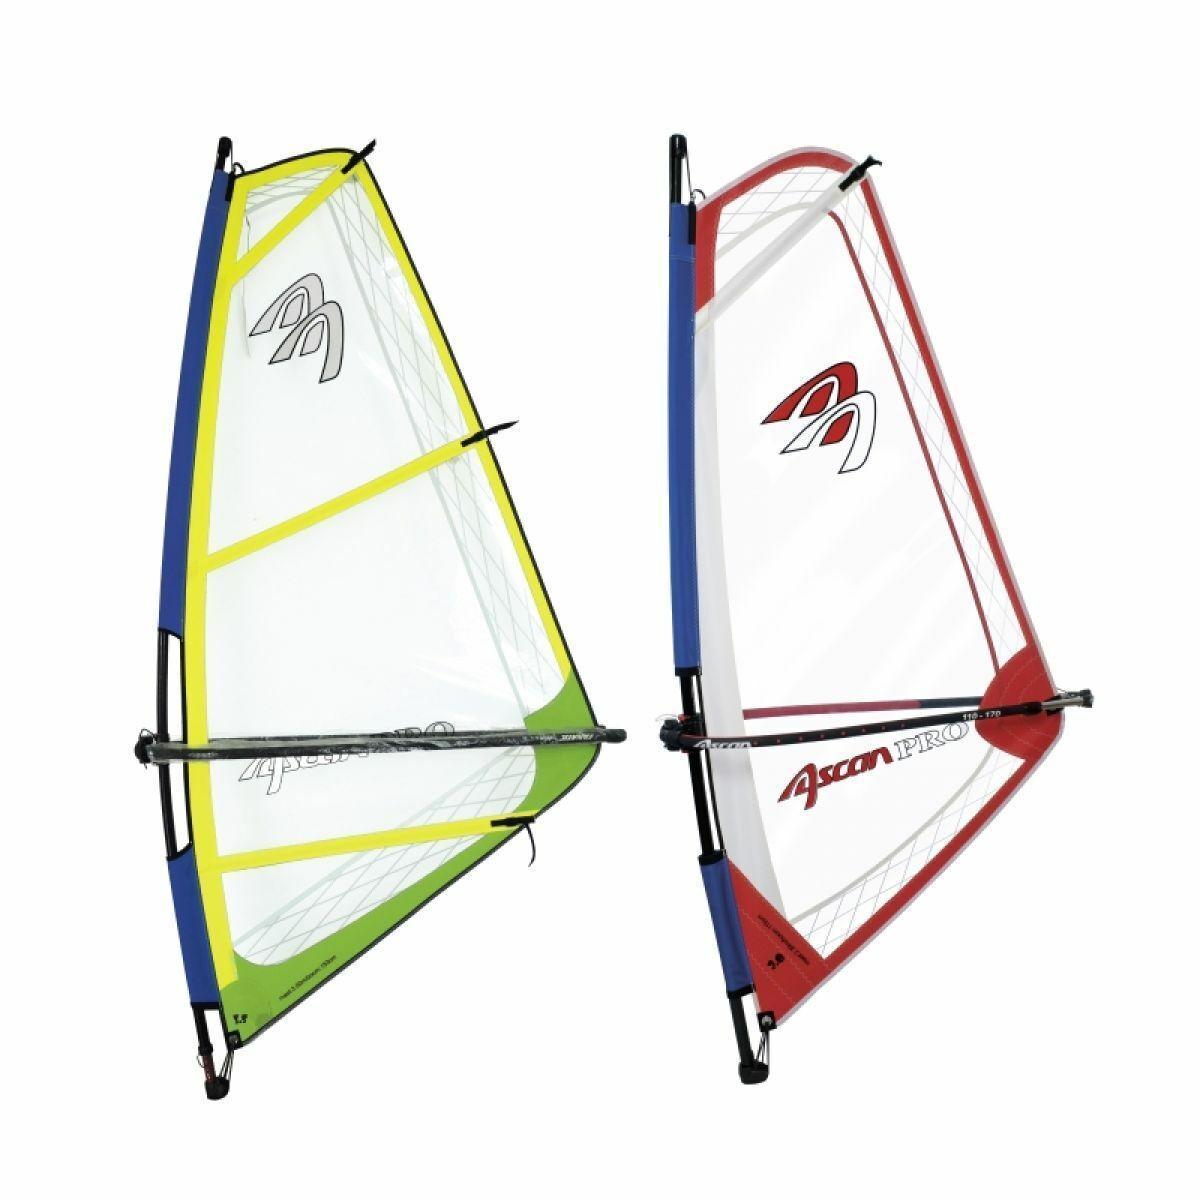 Ascan pro windsurf Rigg jugendrig komplettrig windsurfset